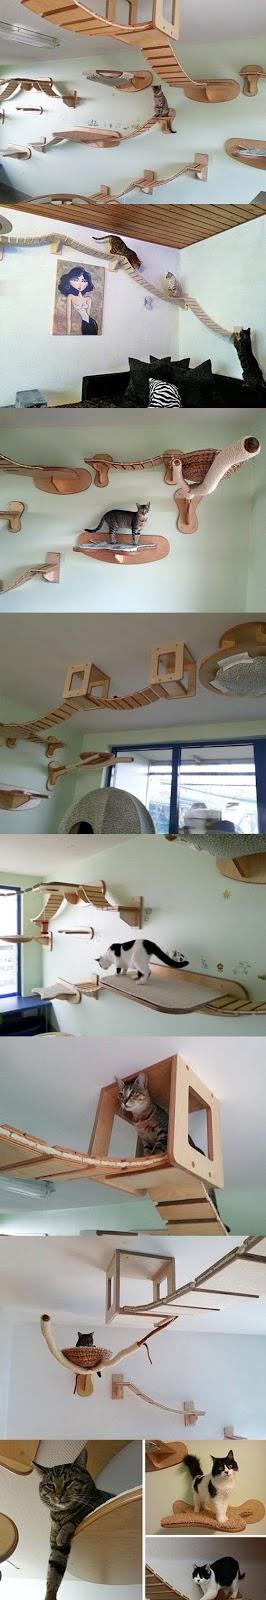 グミのシャンデリア?感性を刺激するクリエイティブな家具#2・9選【a】 猫のキャットウォーク